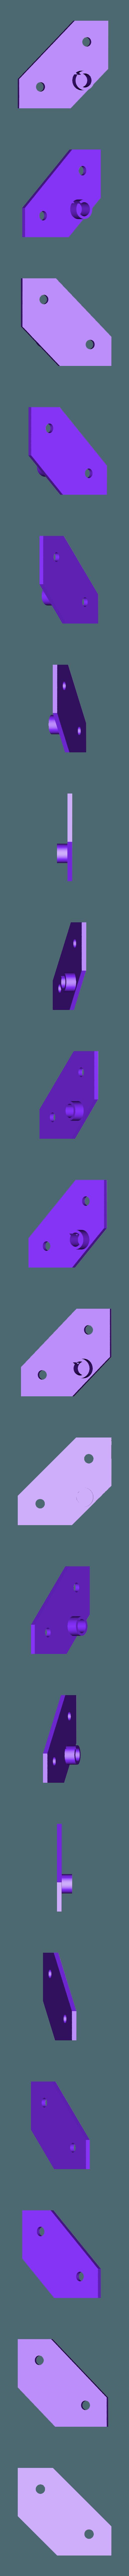 Knuckle_Plate_v1-1.STL Télécharger fichier STL gratuit Plaques de recouvrement de joint articulé (RigidBot) • Design pour imprimante 3D, WalterHsiao